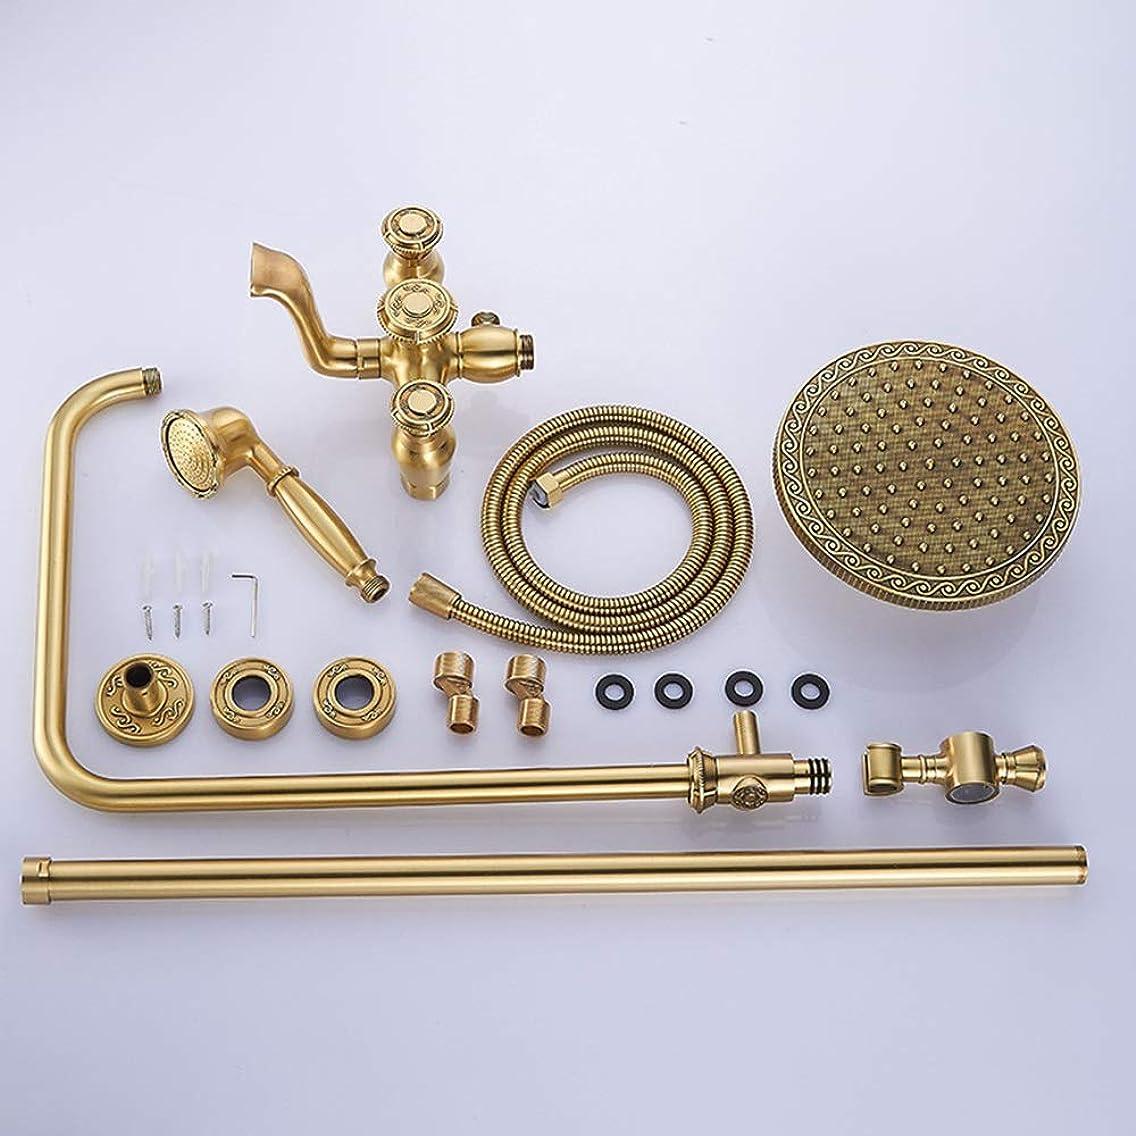 セールストライクフライカイトシャワーヘッド 取り付け簡単 リフトレバー蛇口ブロンズすべての銅コンチネンタル刻まれたアンティーク浴室のシャワーセットで、円形のトップ3の機能ハンドヘルドシャワー加圧スプレーシステム